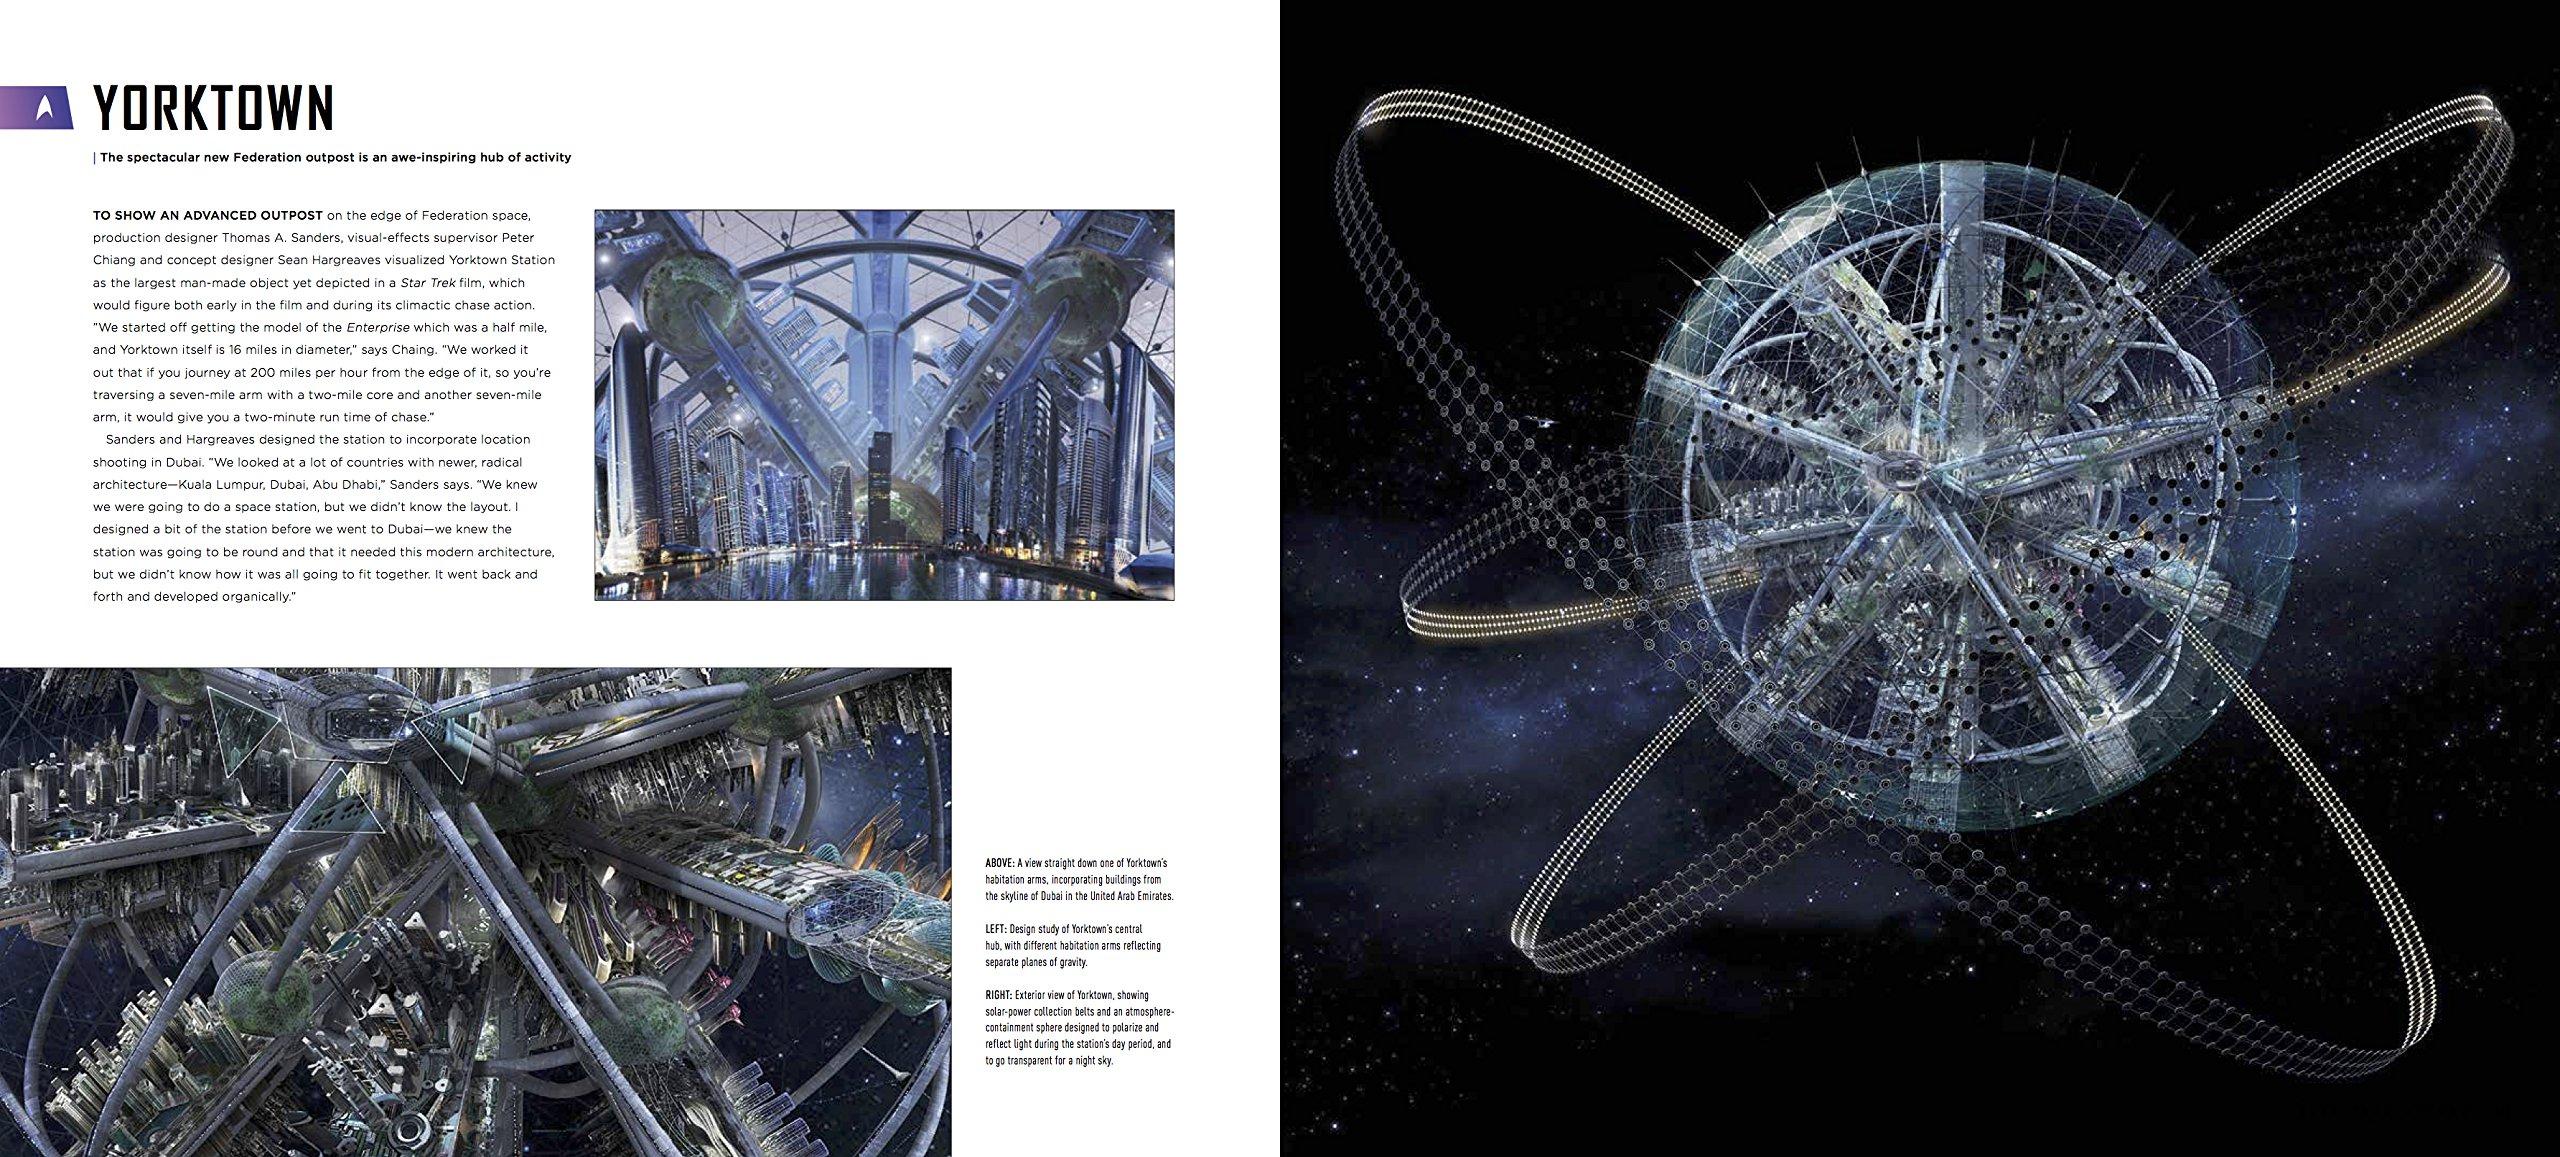 The Art of Star Trek: The Kelvin Timeline Book